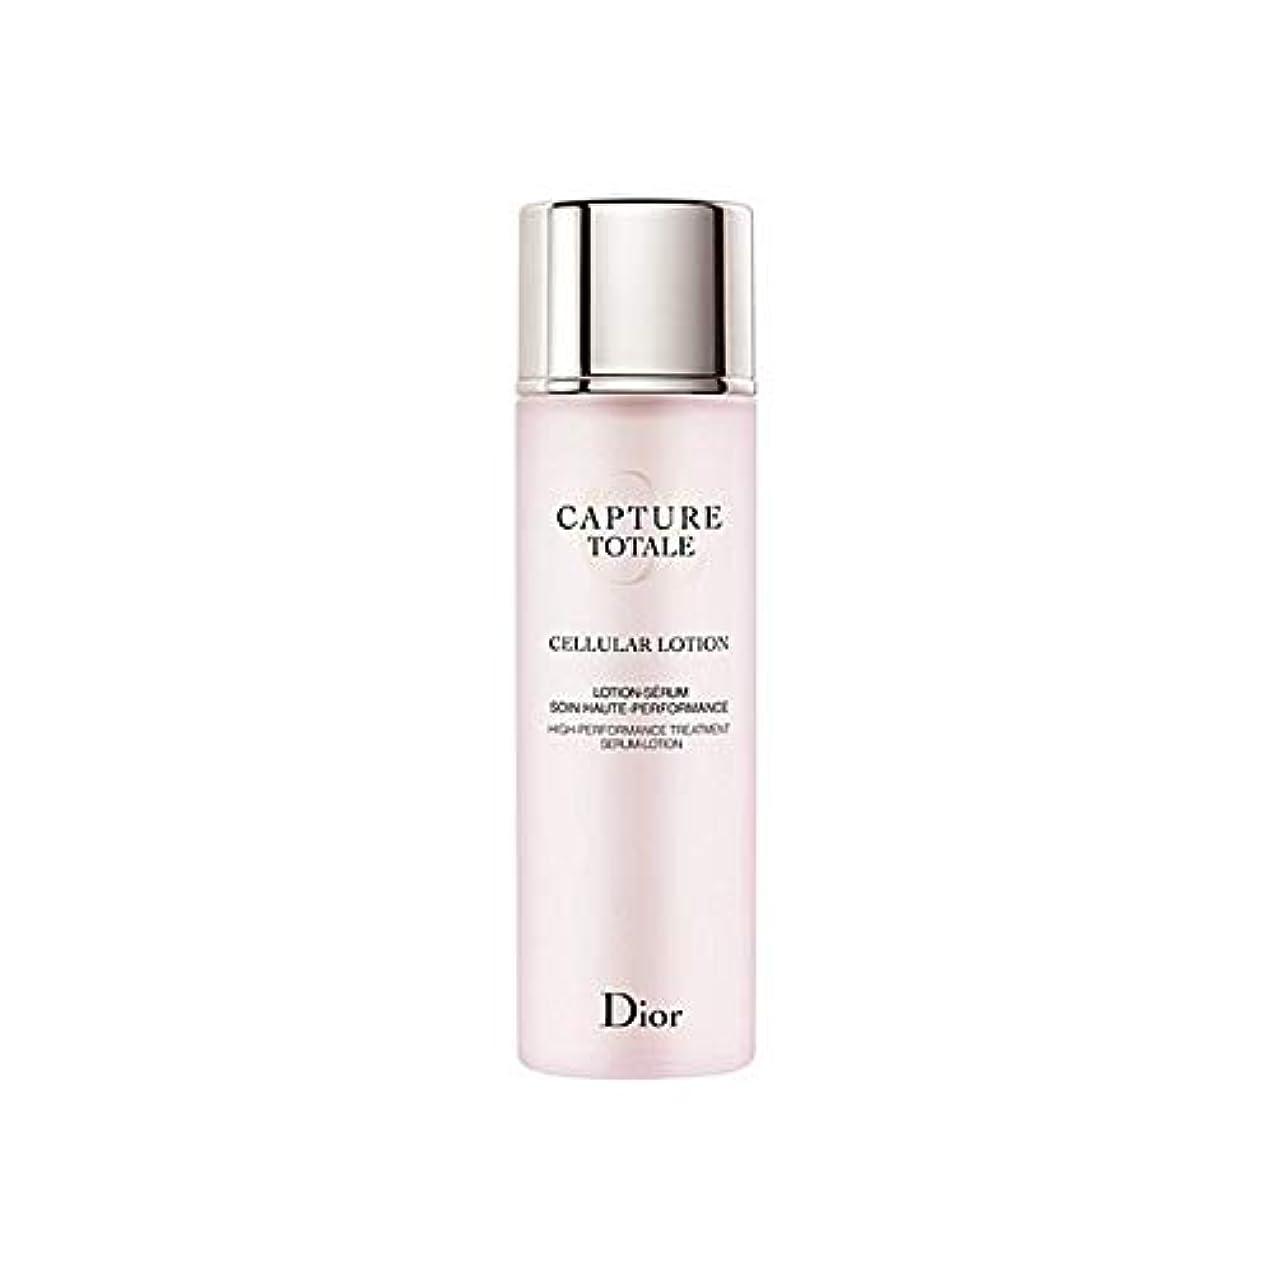 求人精緻化保有者[Dior] ディオールキャプチャカプチュールトータルセルラーローション - Dior Capture Totale Cellular Lotion [並行輸入品]